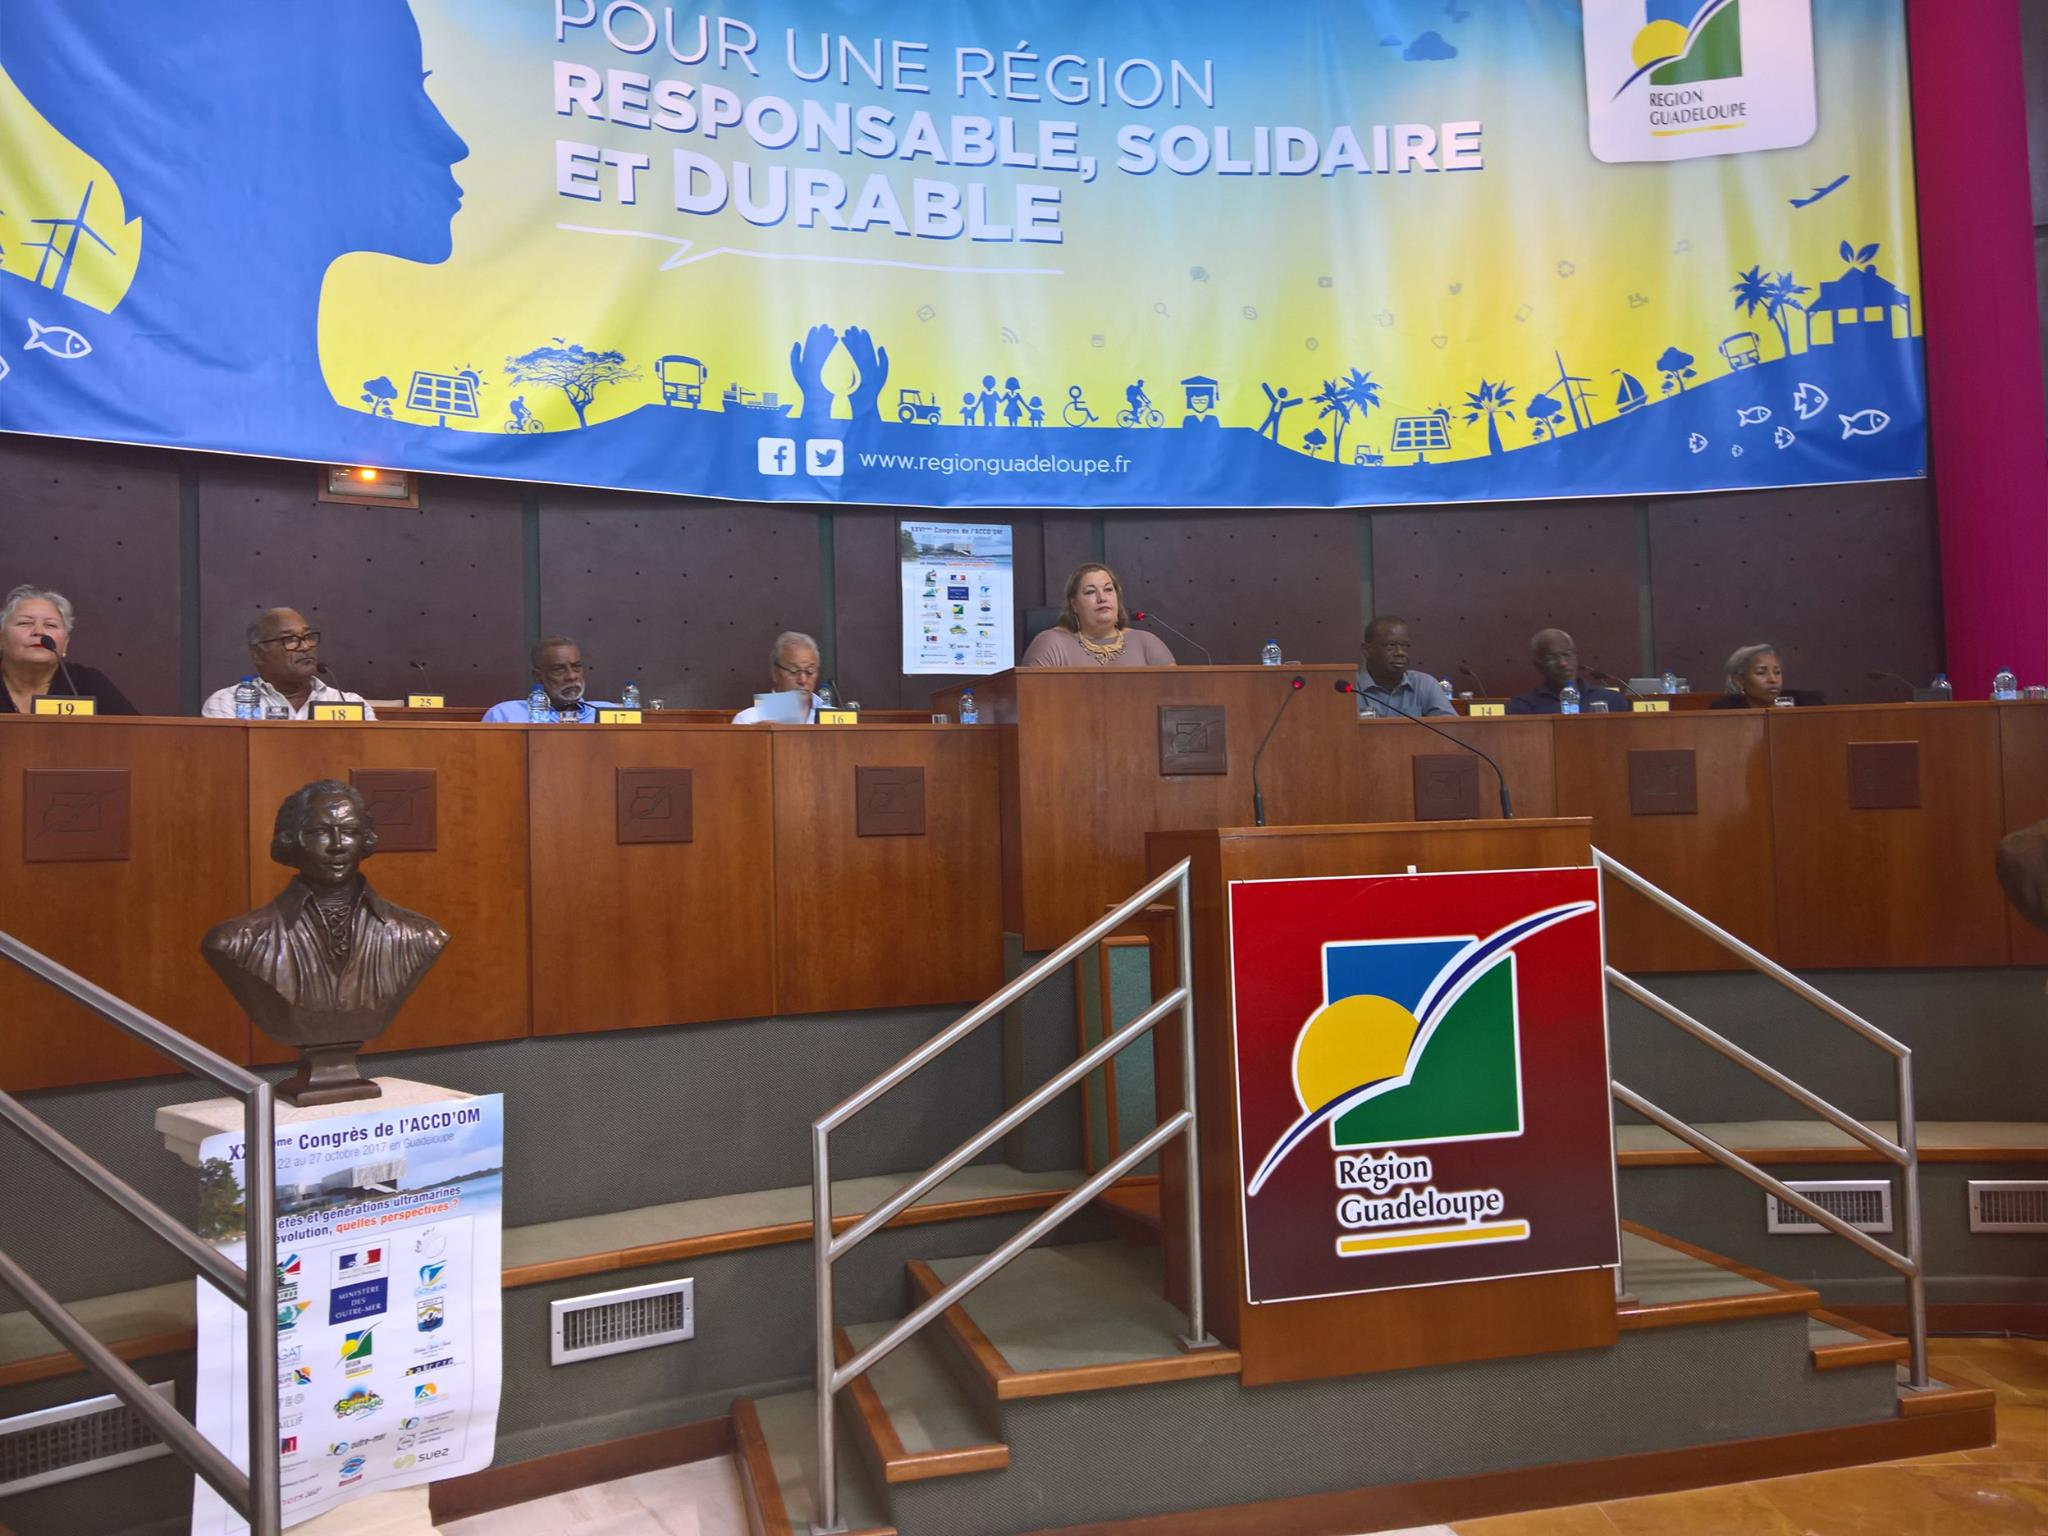 Congrès ACCDOM: Sophie Charles, Présidente de l'ACCD'OM: «Nous devons porter nos problèmes et nos spécificités au plus haut niveau de l'Etat et de Bruxelles »